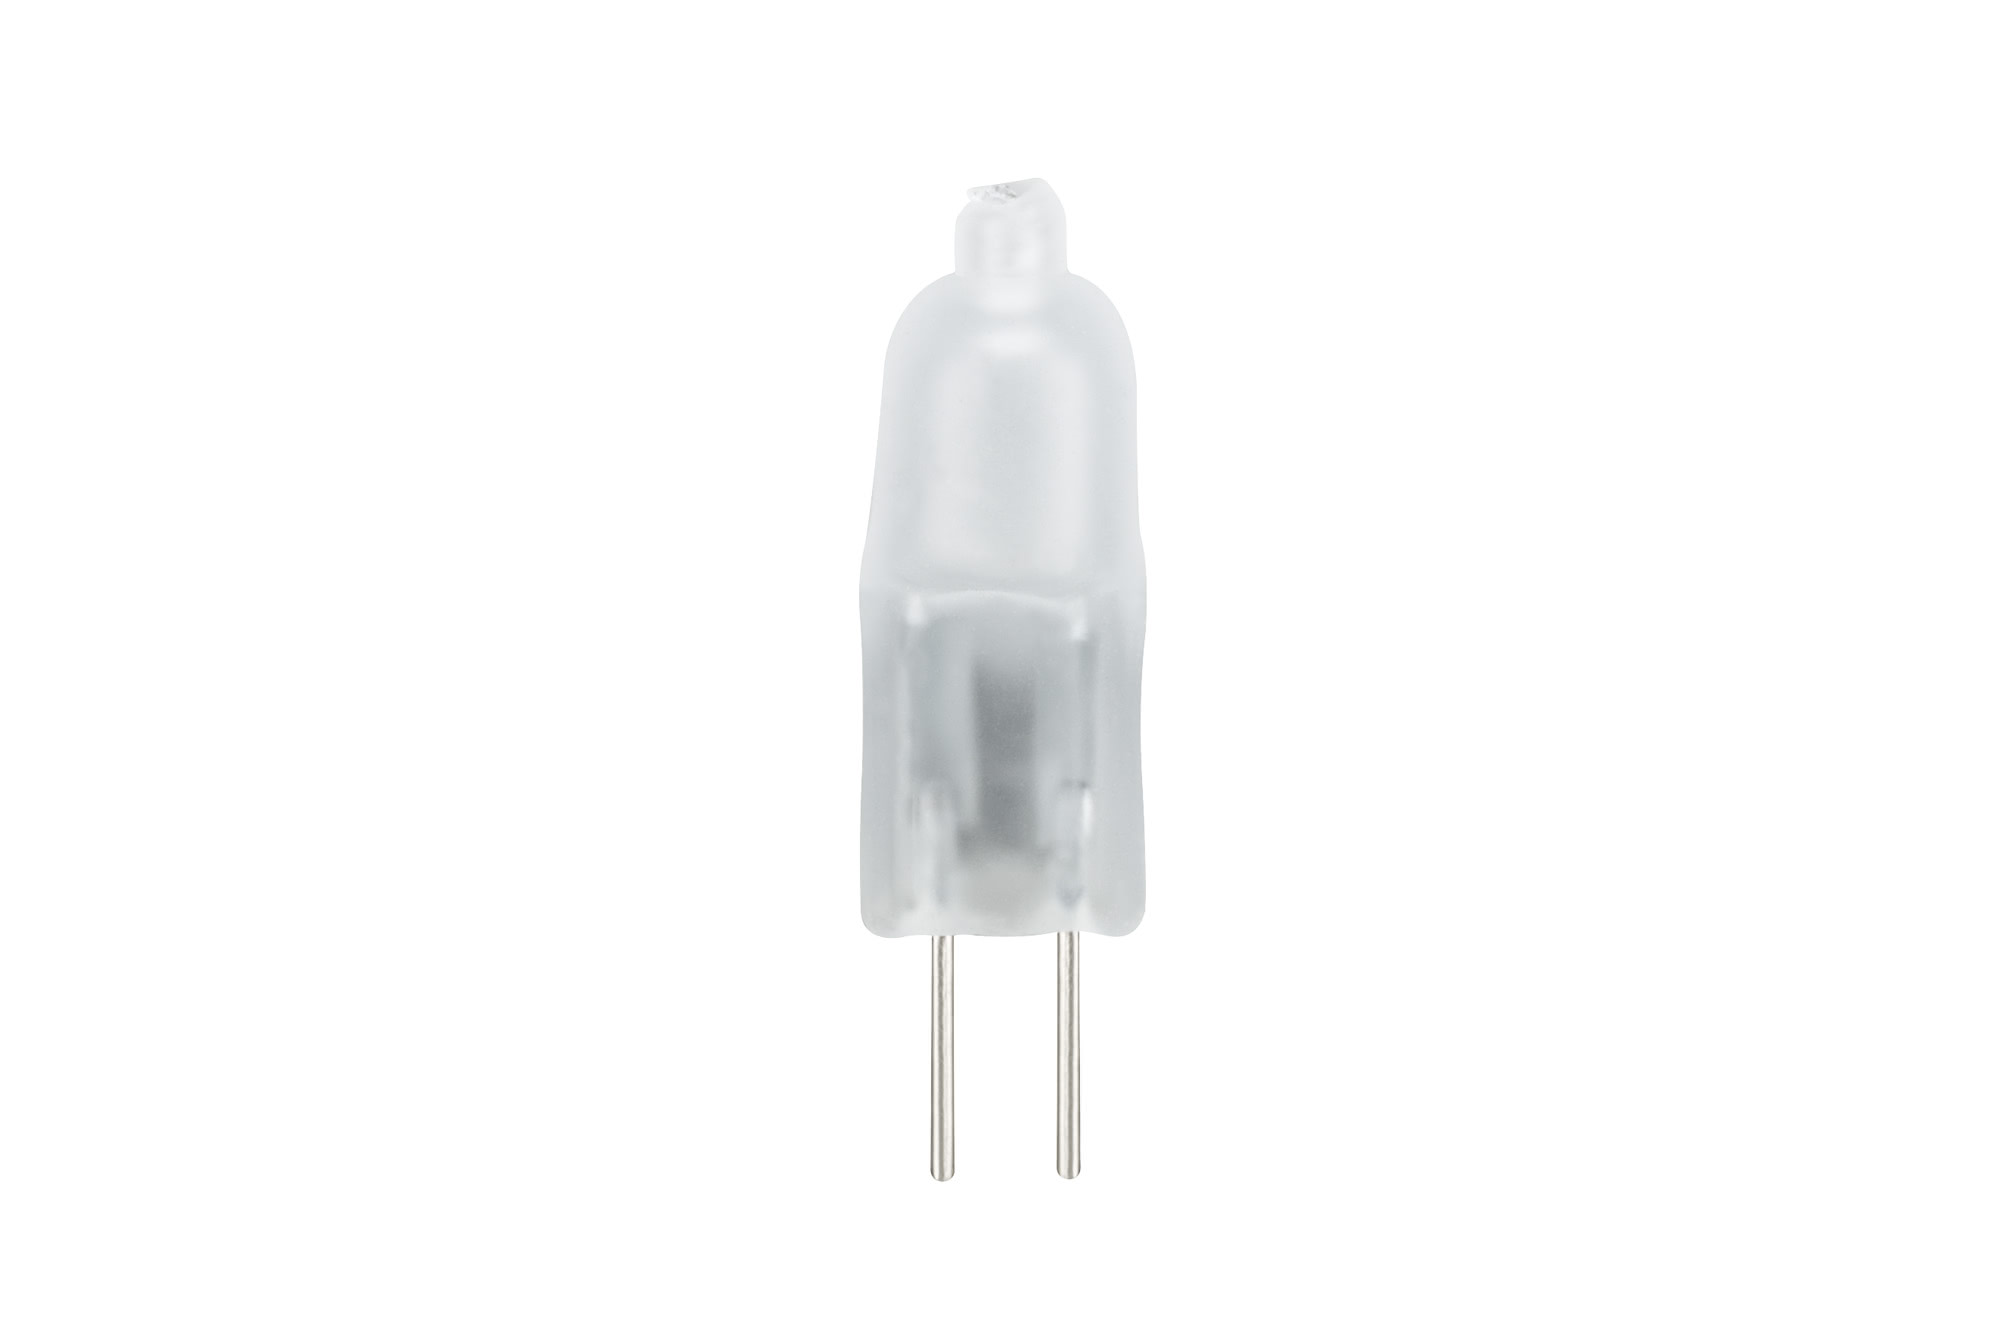 Paulmann. 83114 Галогенная пальчиковая лампа 12V, матовая, G4 2х5W